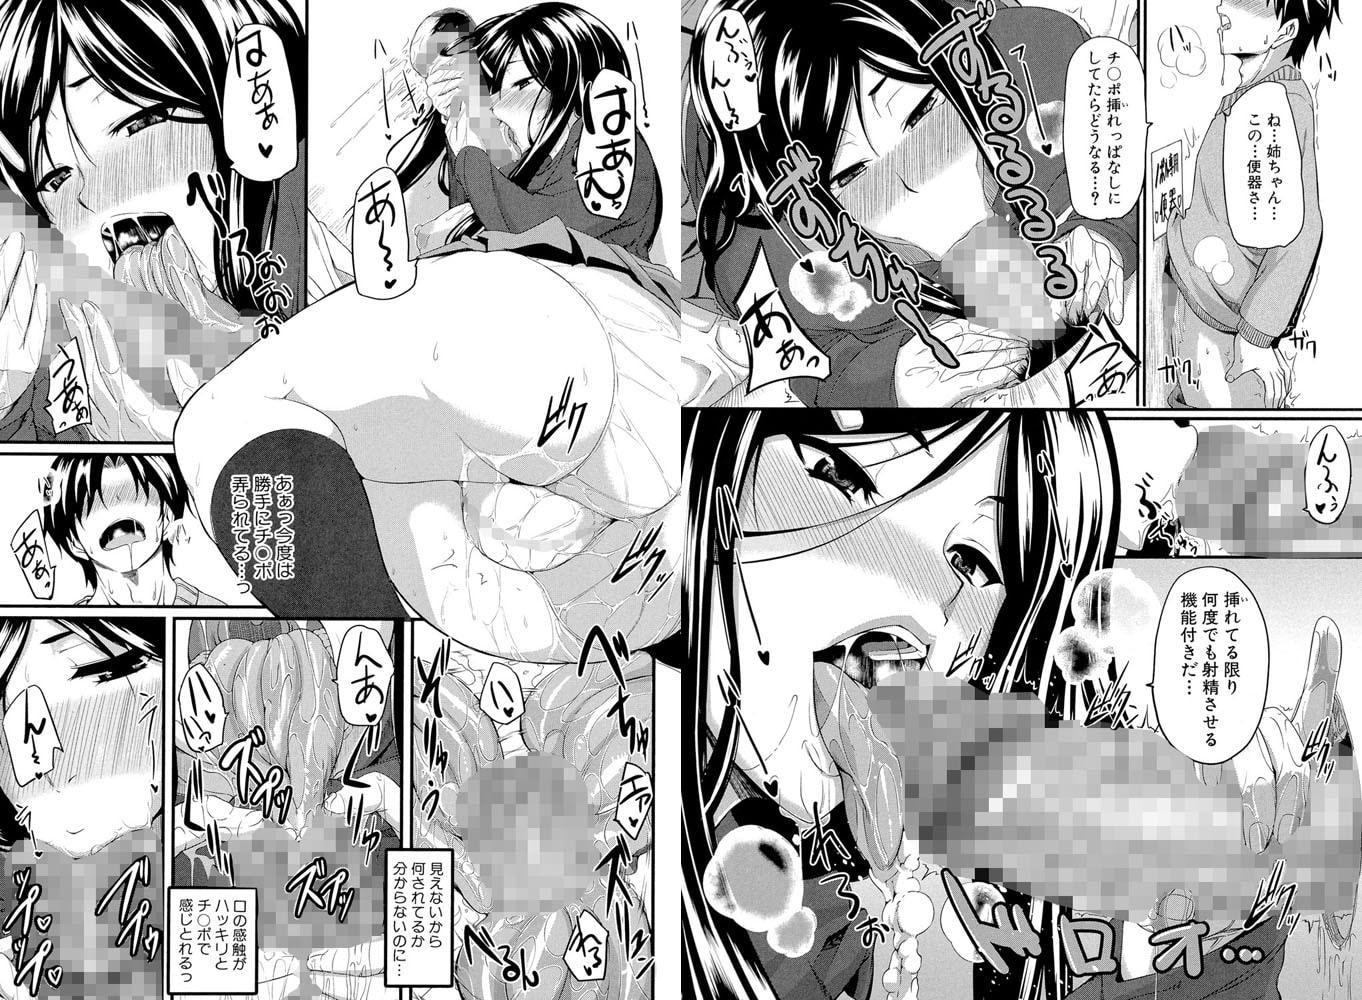 【ティーアイネット】Fue先生 2冊パック(202005)